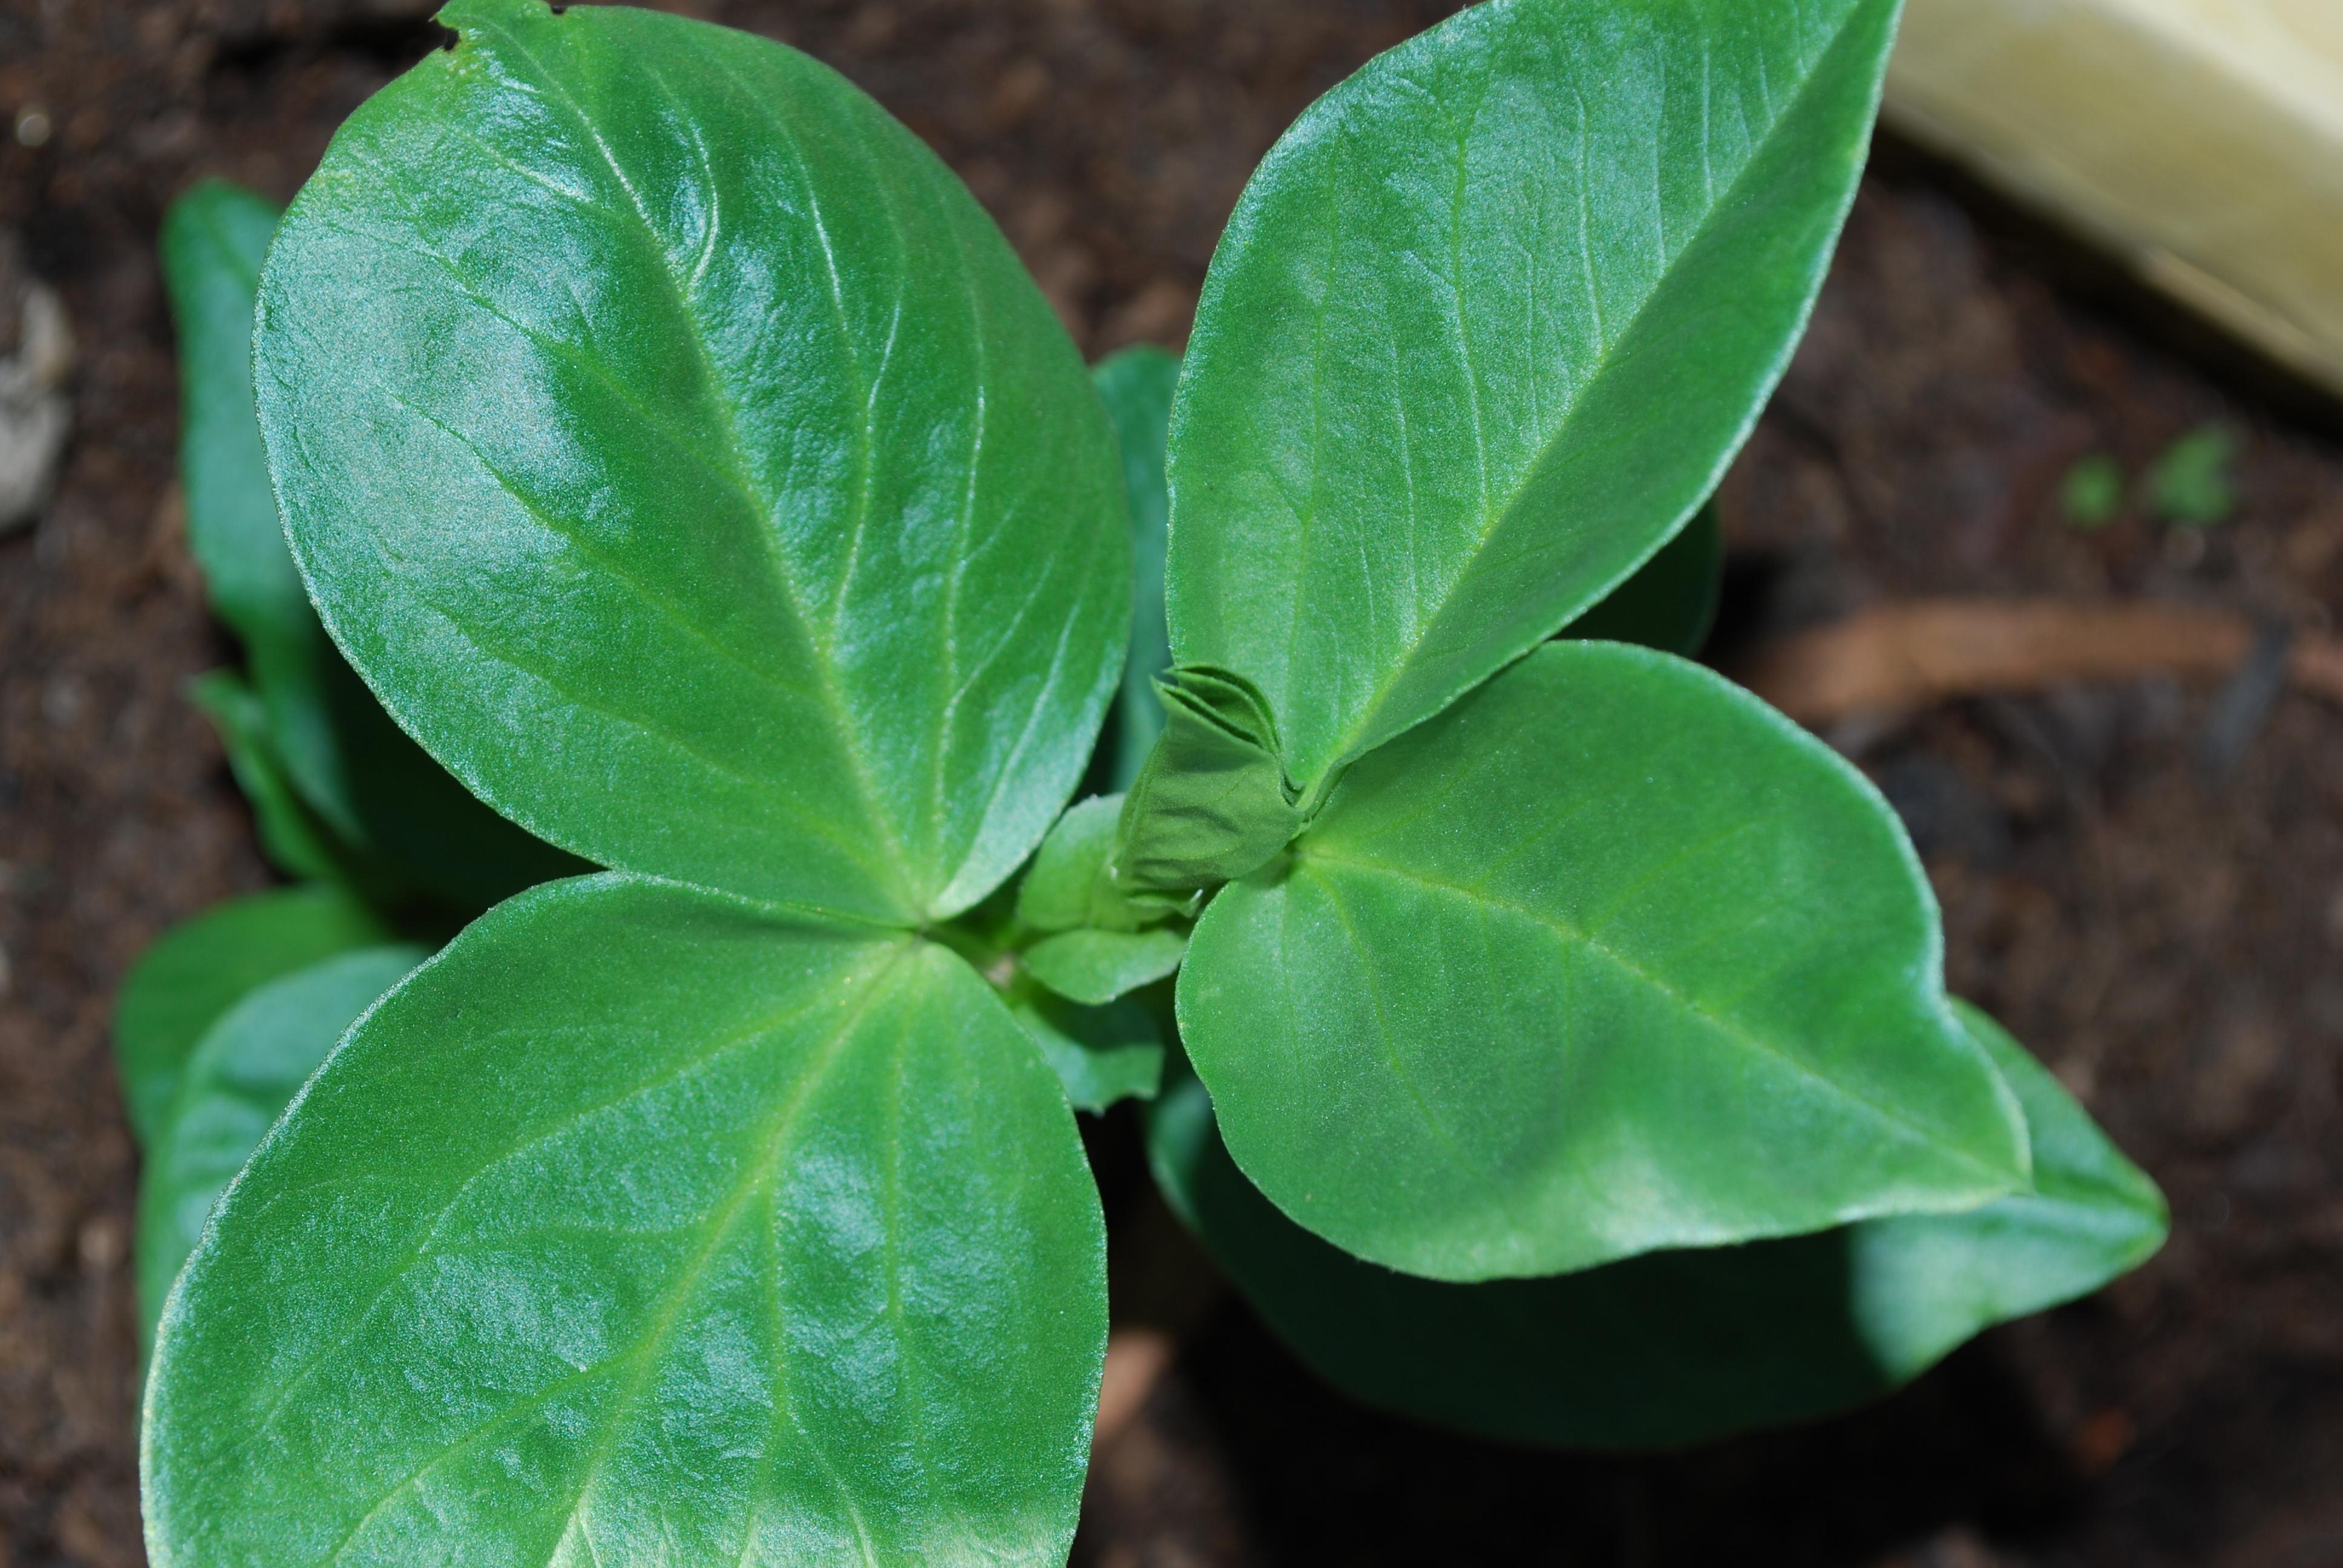 Image of Broad Bean